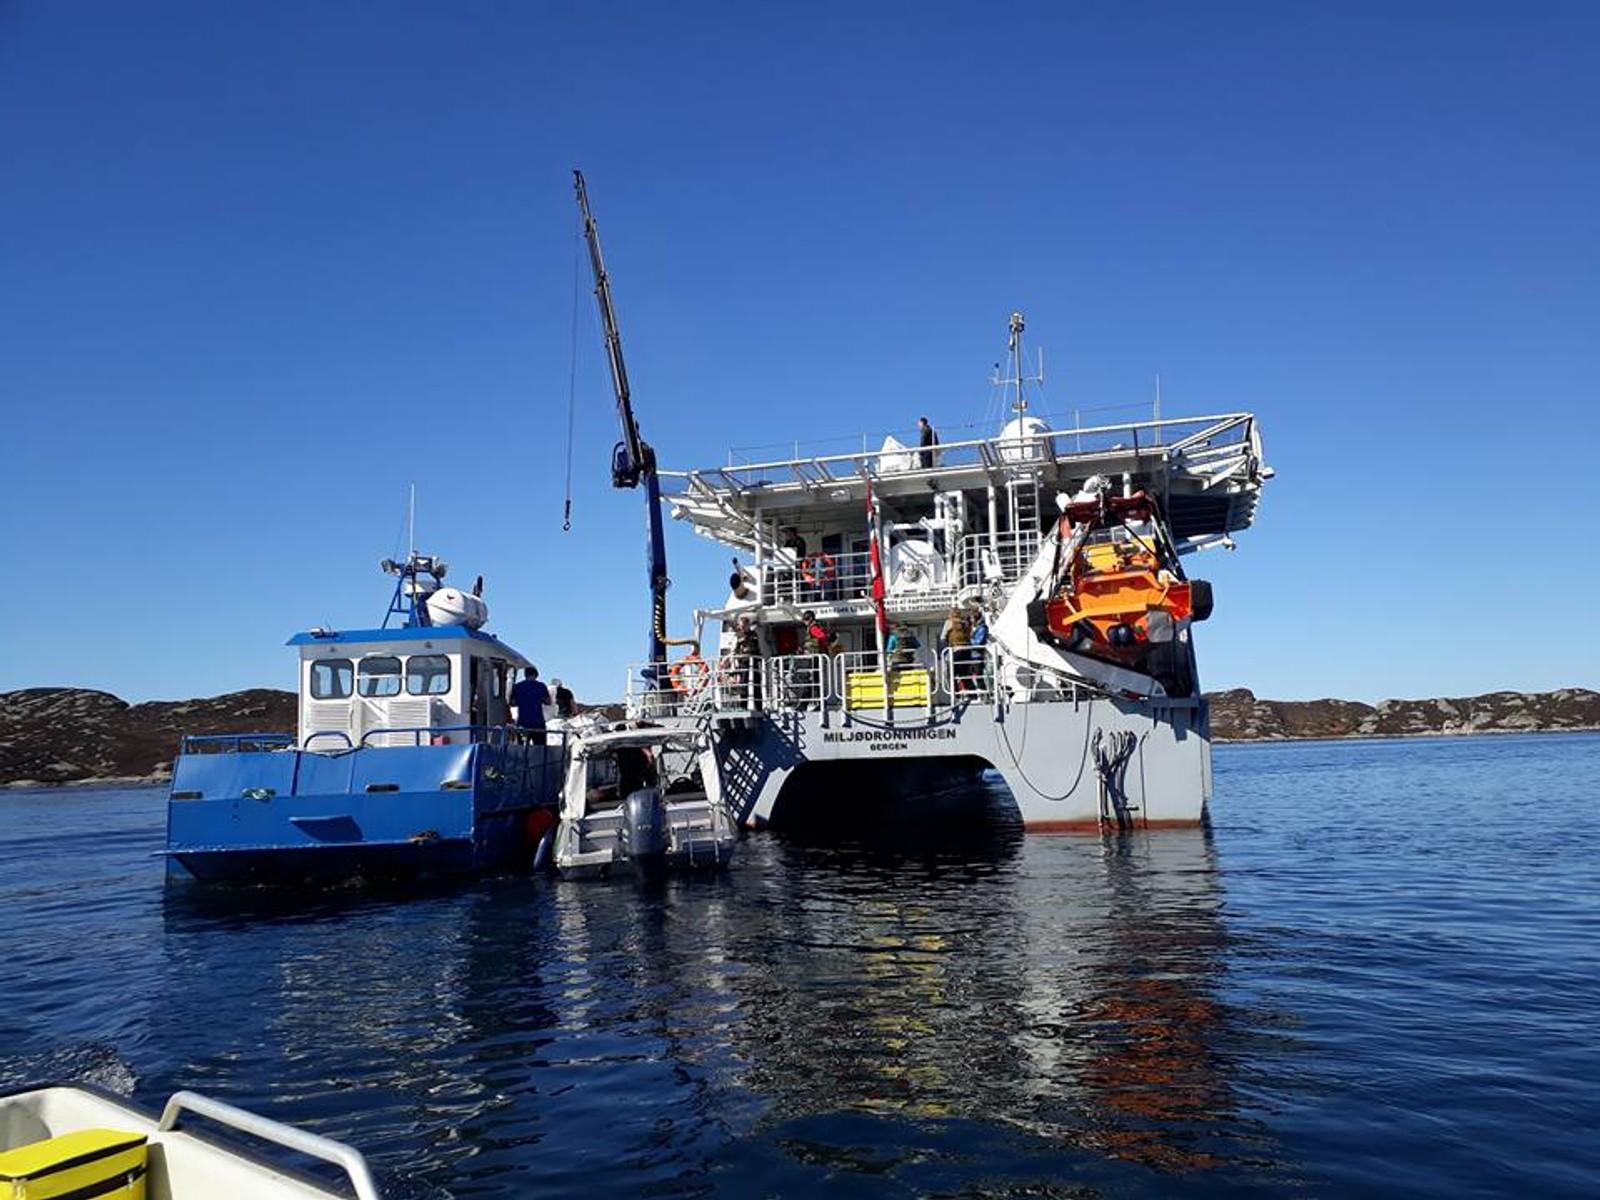 DRONNING: Båten Miljødronningen lå utenfor Gudlo som en base og mottak for de andre småbåtene som kom med stor sekker med søppel fra vikene.